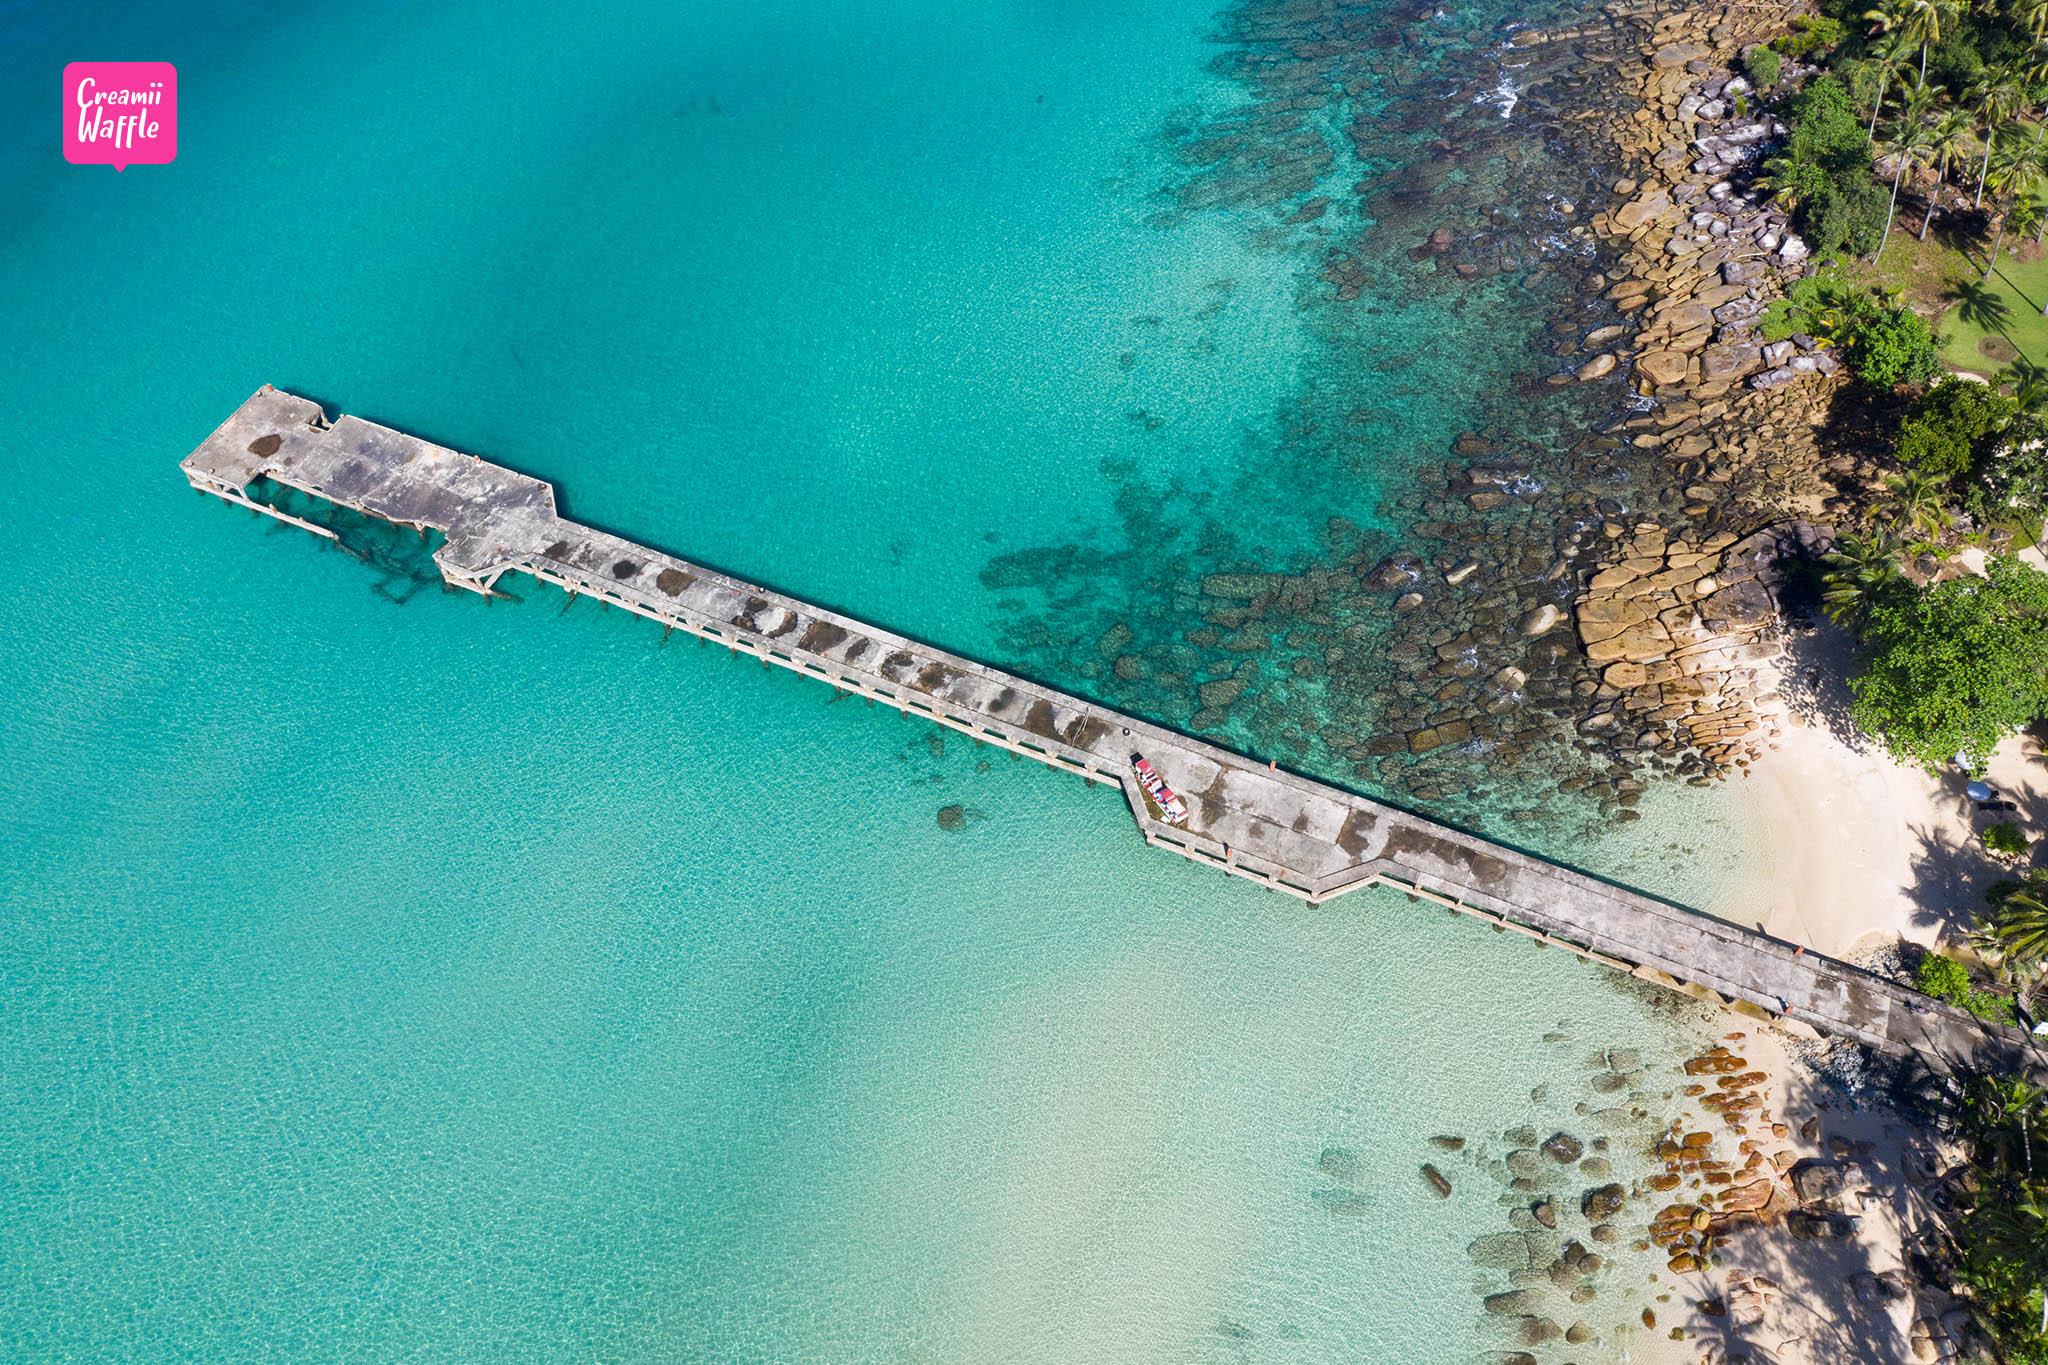 รีวิวเที่ยว เกาะกูด พาราไดซ์ บีช รีสอร์ท สะพานน้ำลึก